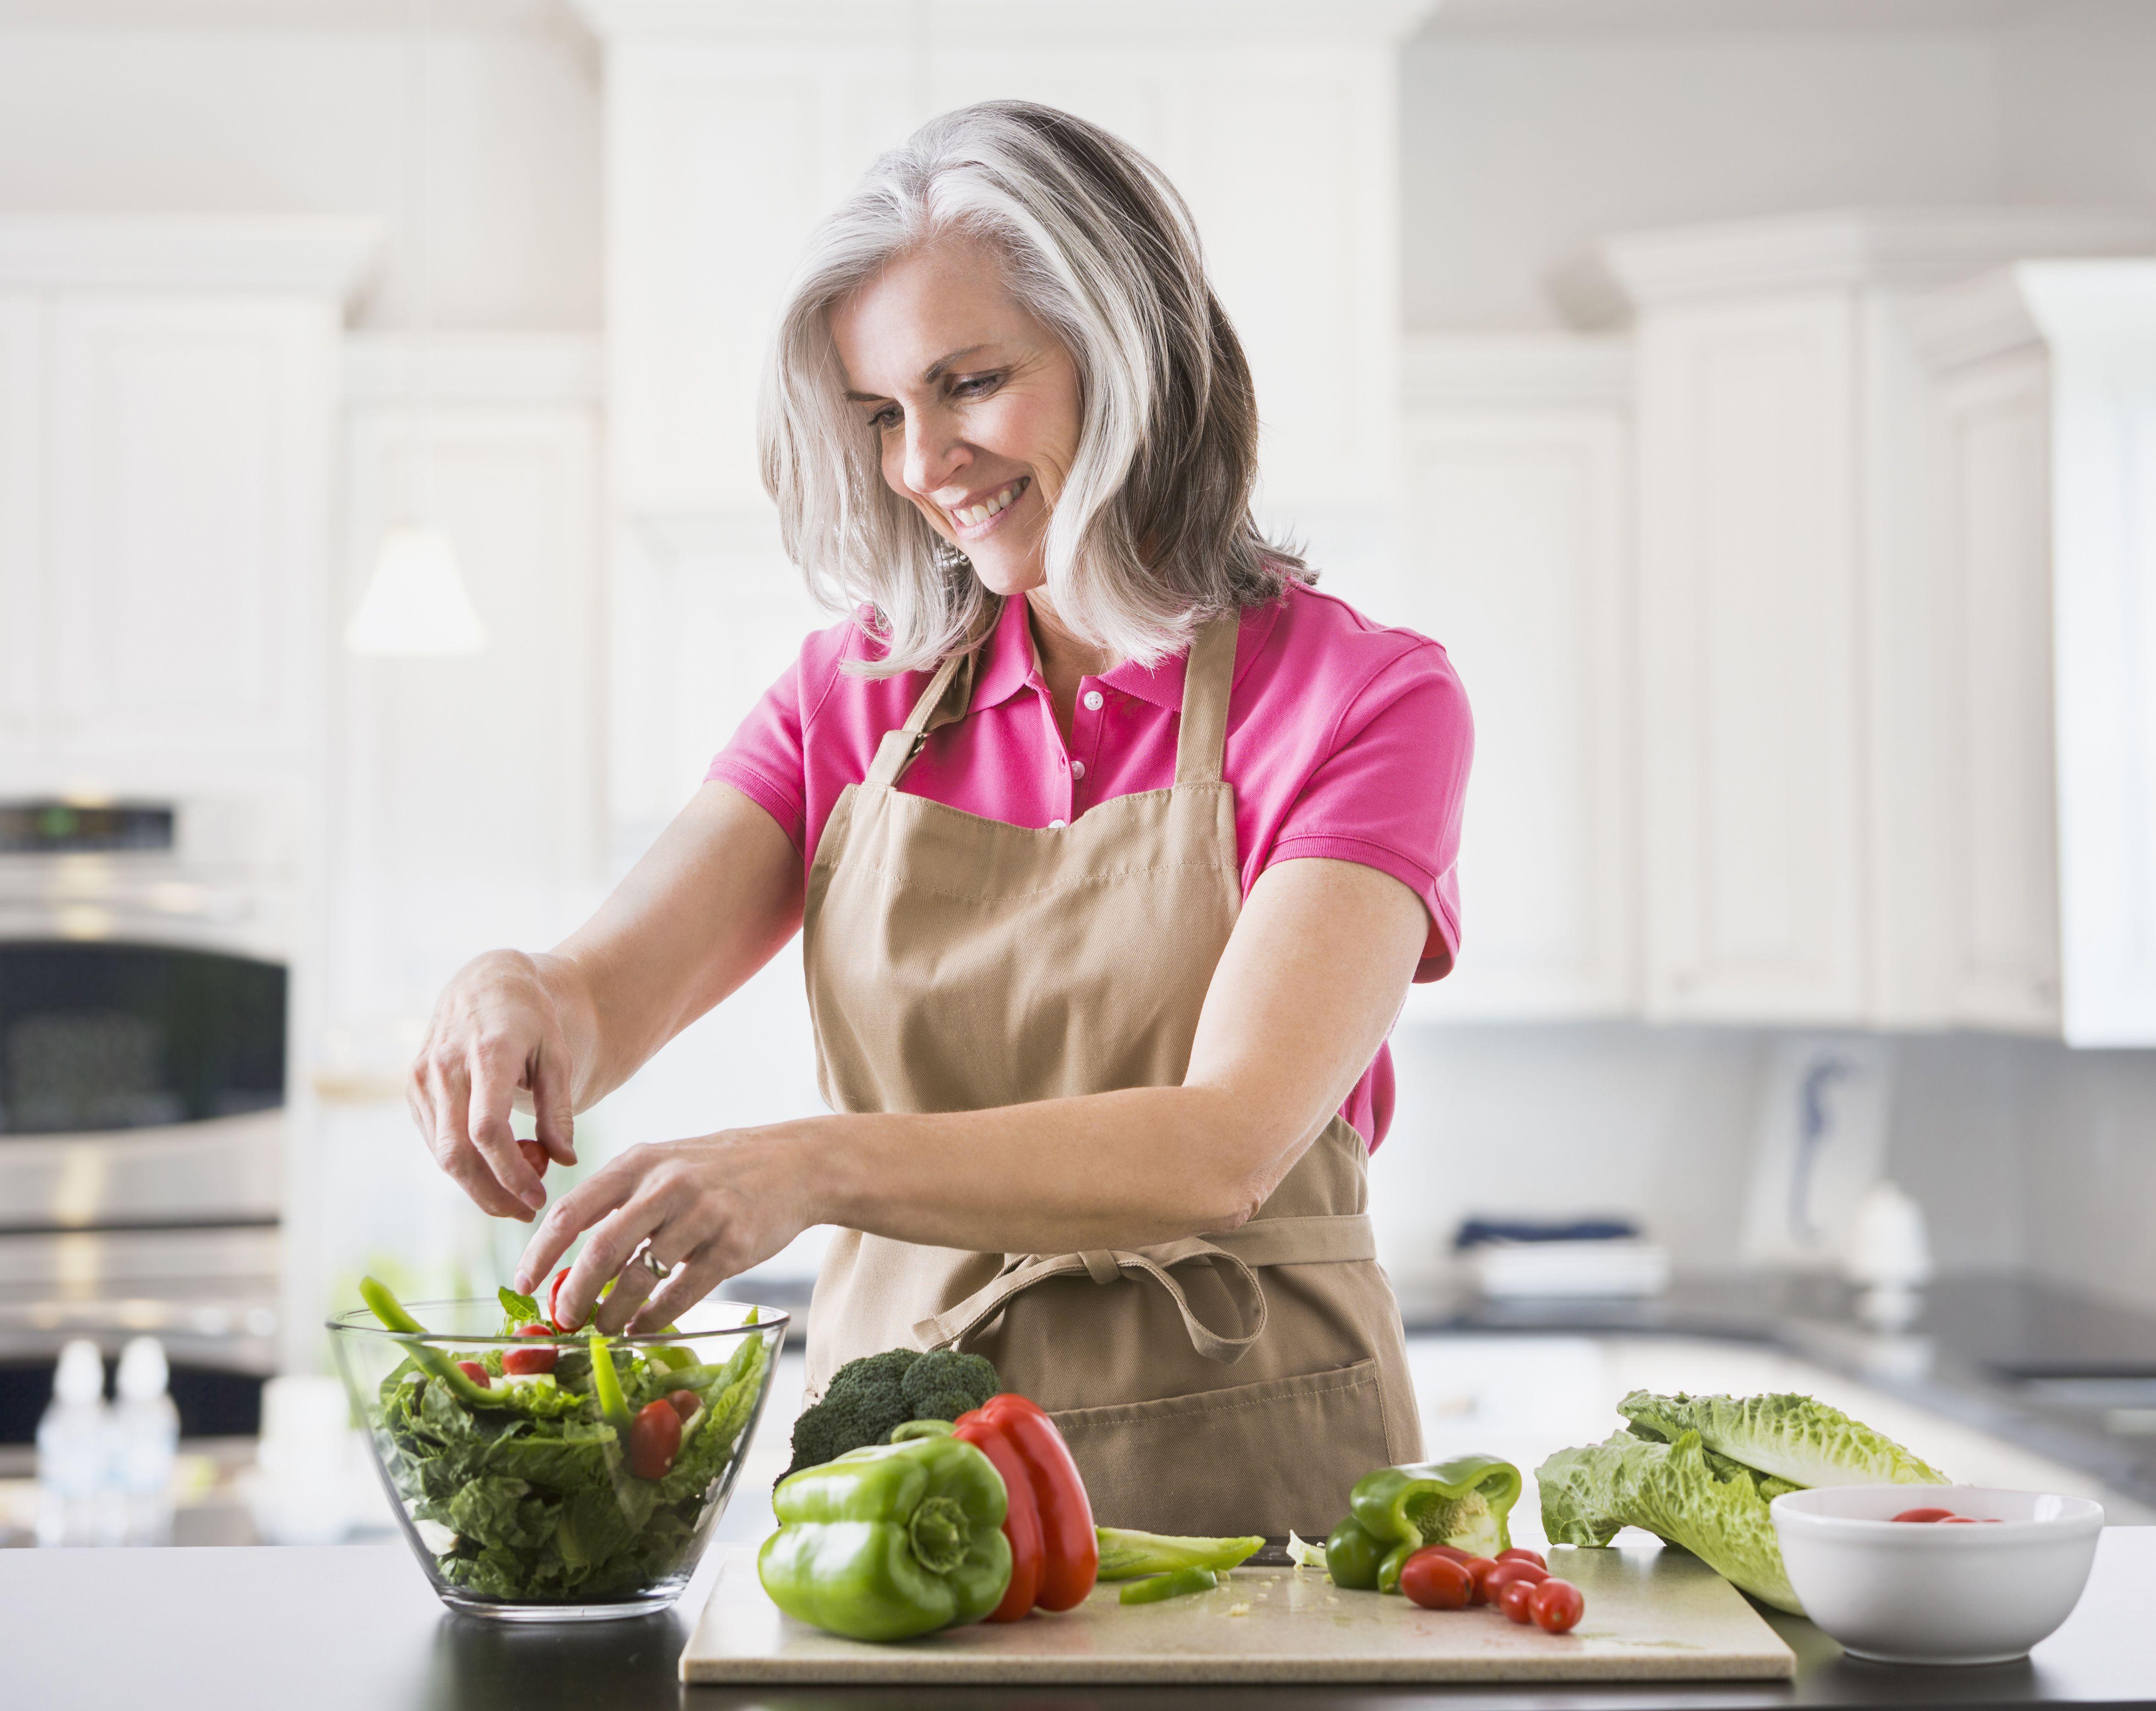 A woman prepares a salad.